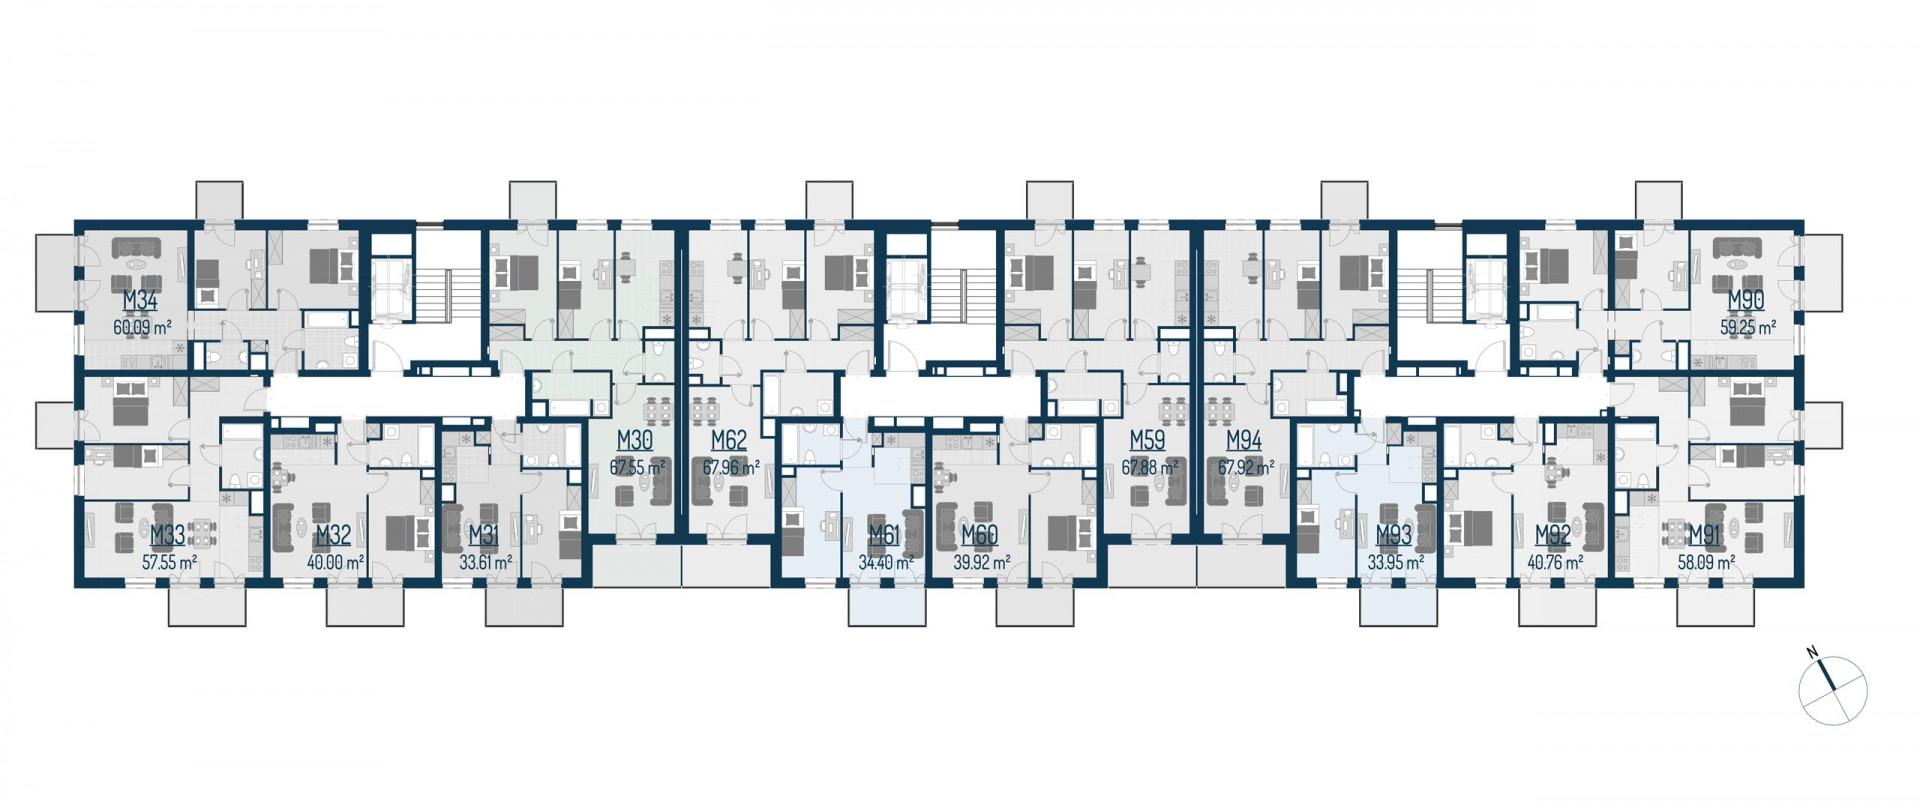 Zdrowe Stylove / budynek 1 / mieszkanie nr M92 rzut 2